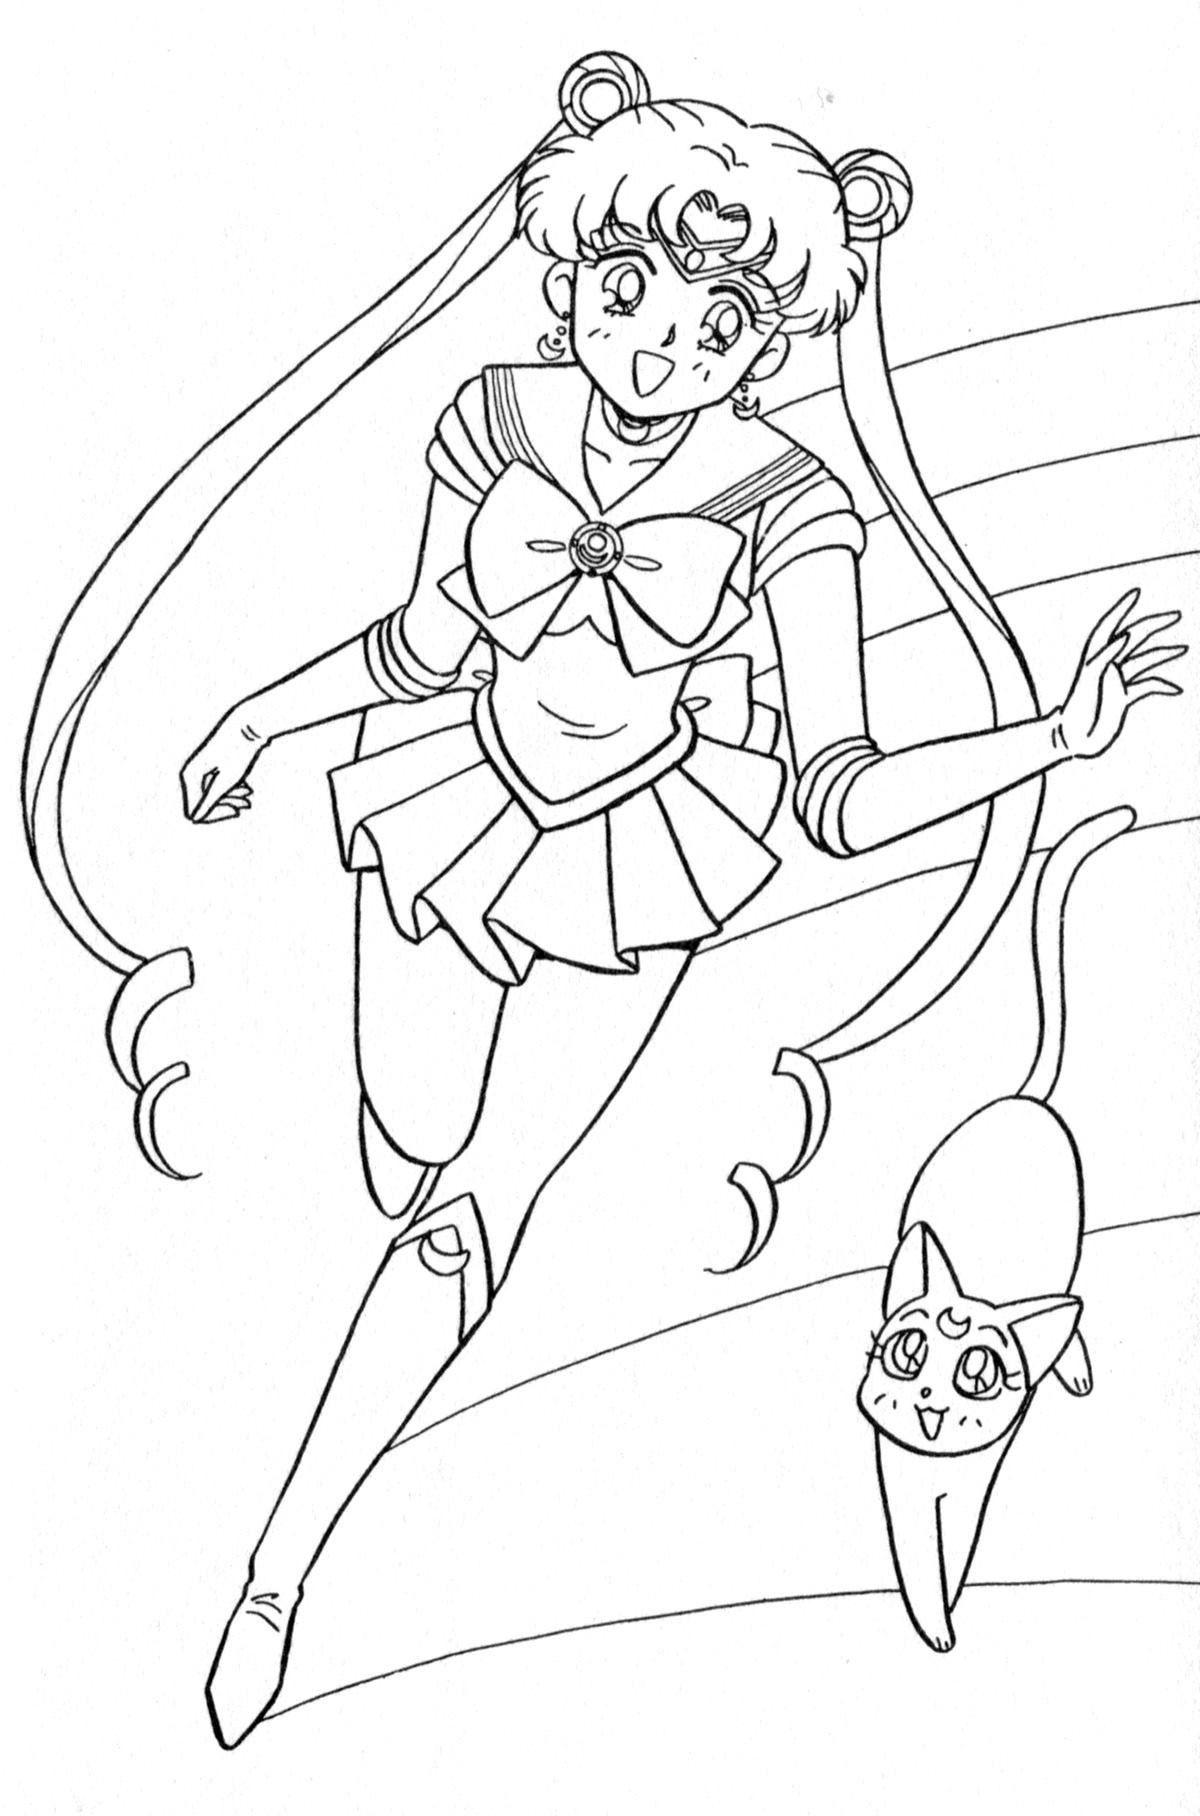 Sailor Moon Coloring Book Xeelha En 2020 Libro De Colores Sailor Moon Nerd